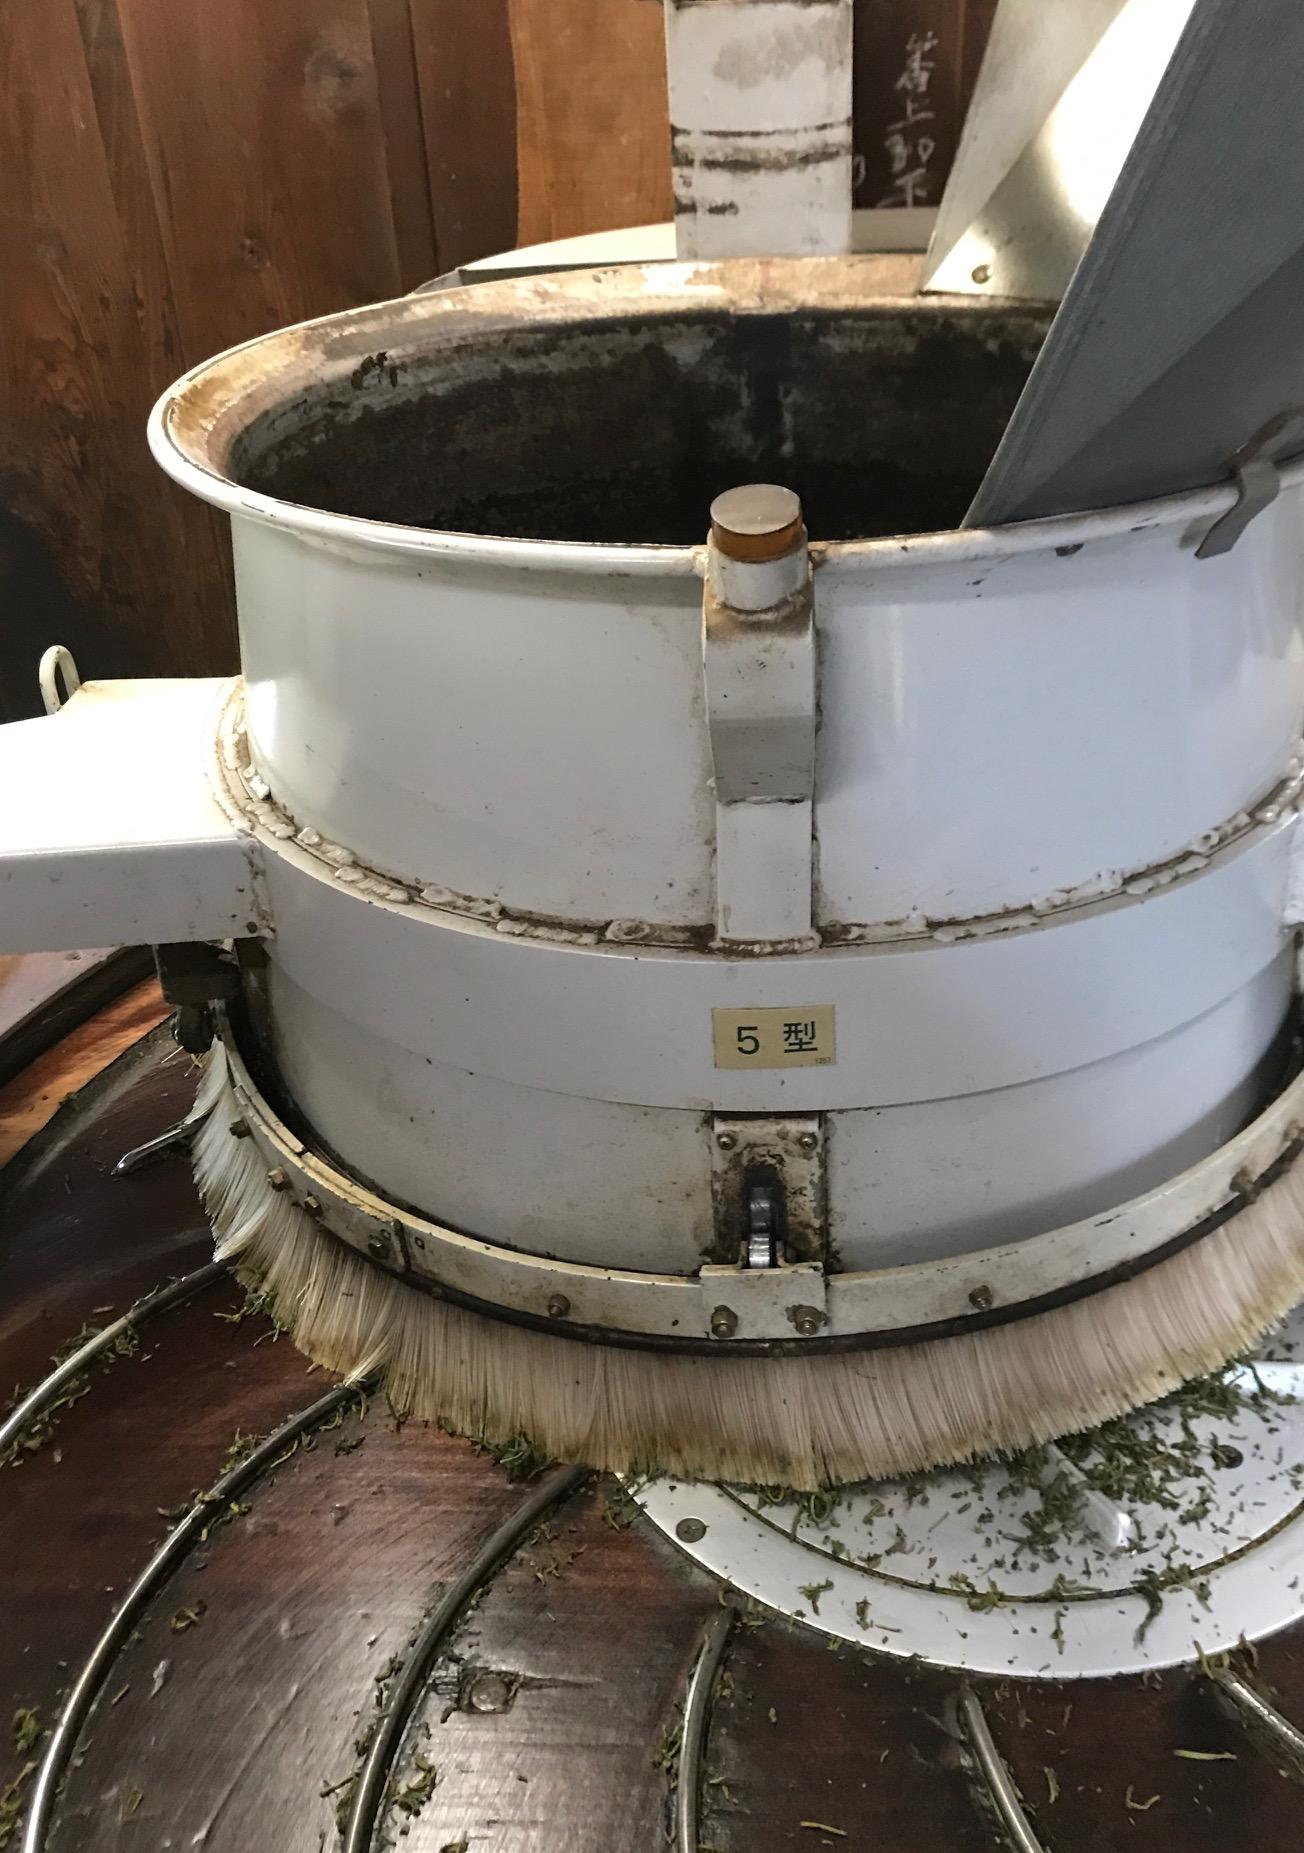 紅茶にする工程で揉むために使う揉捻機(じゅうねんき)です。葉は揉むことで発酵が進むきっかけができます。回転しながら圧をかけて撚ります。